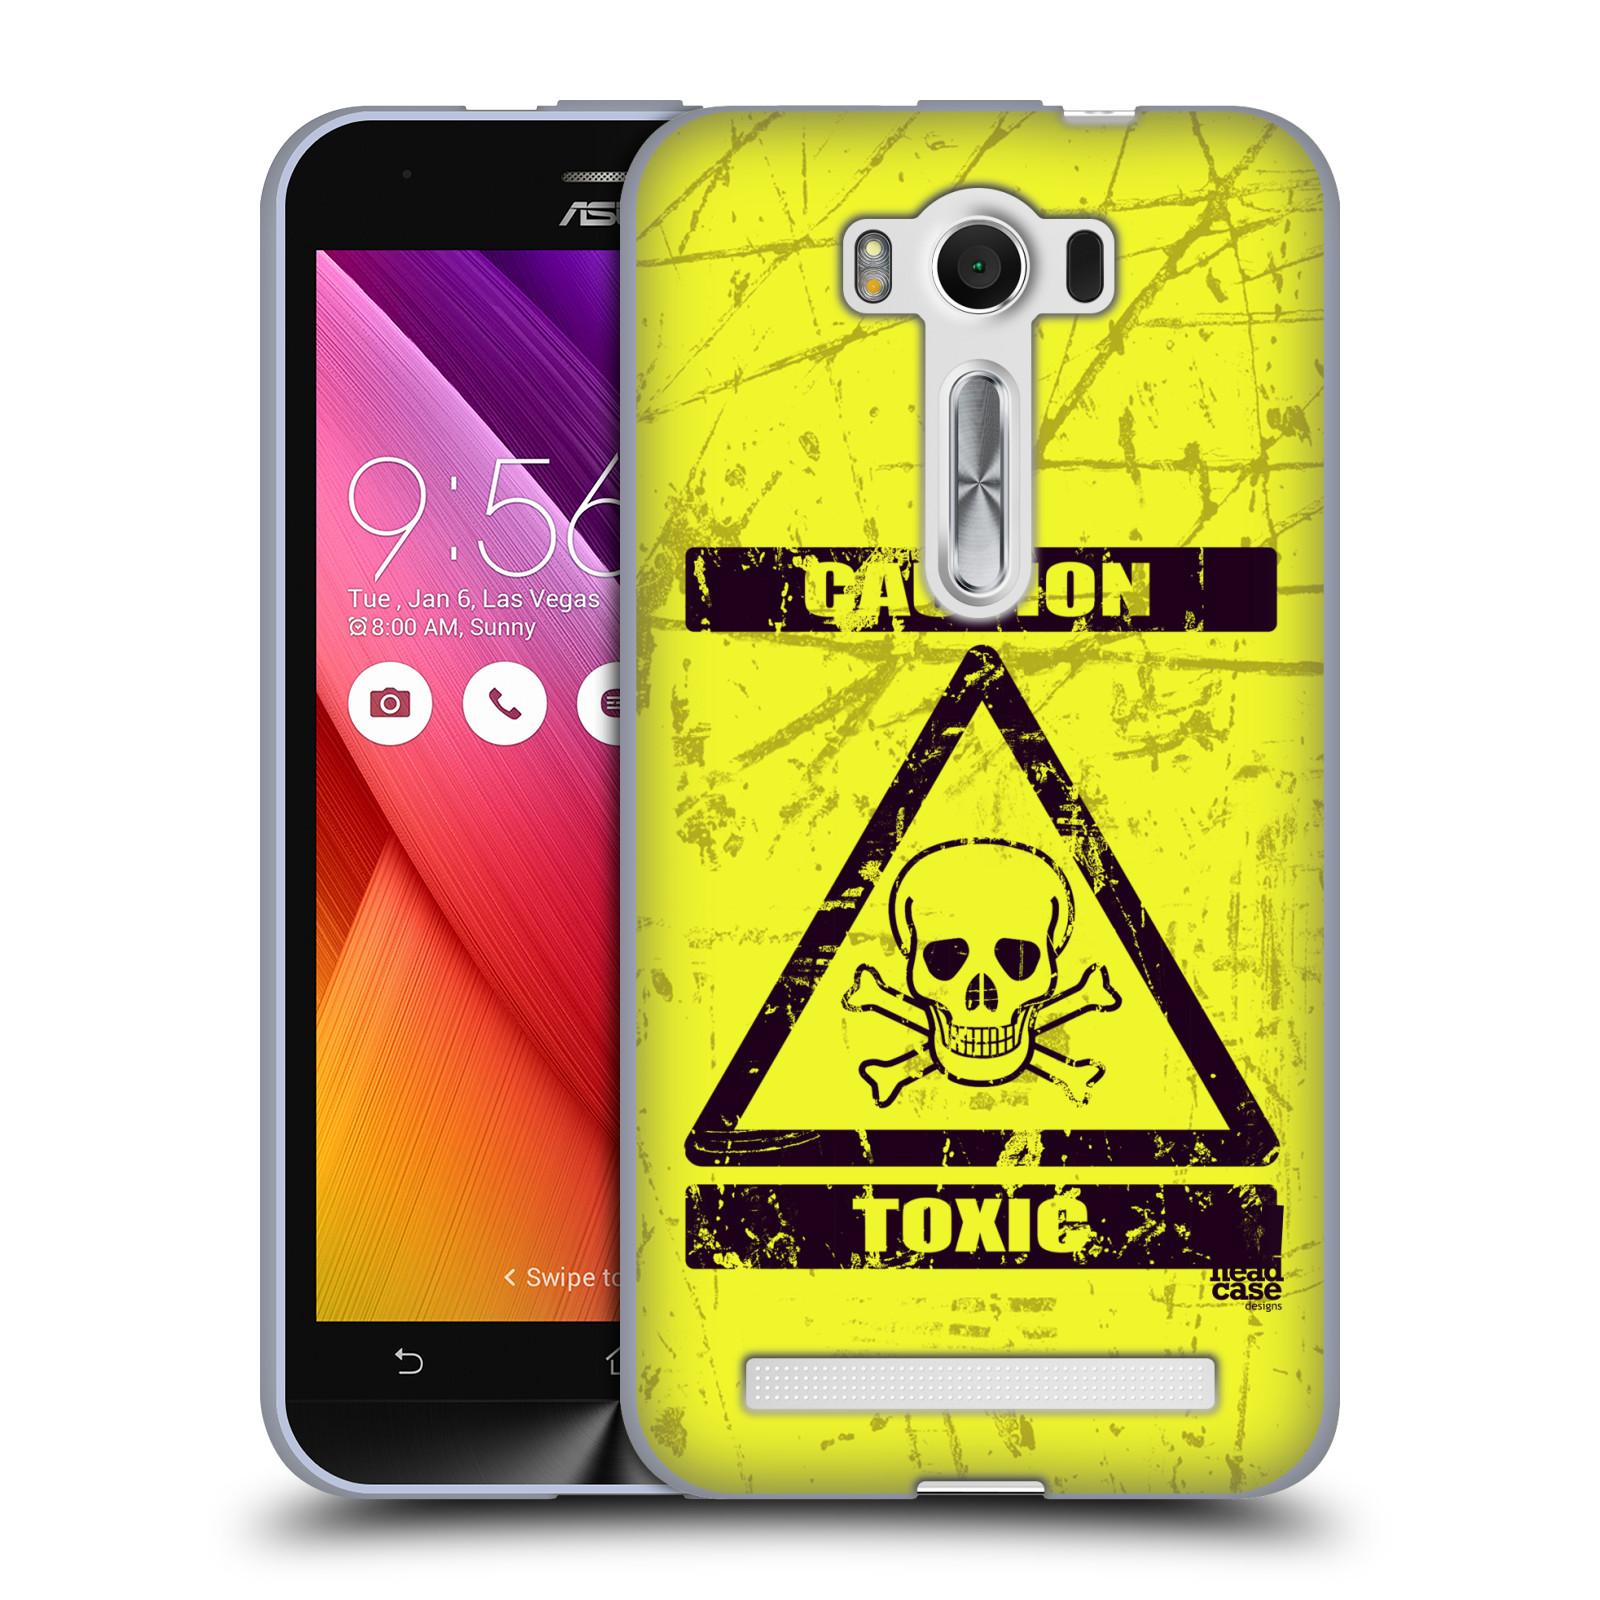 """Silikonové pouzdro na mobil Asus ZenFone 2 Laser ZE500KL HEAD CASE TOXIC (Silikonový kryt či obal na mobilní telefon Asus ZenFone 2 Laser ZE500KL s 5"""" displejem)"""